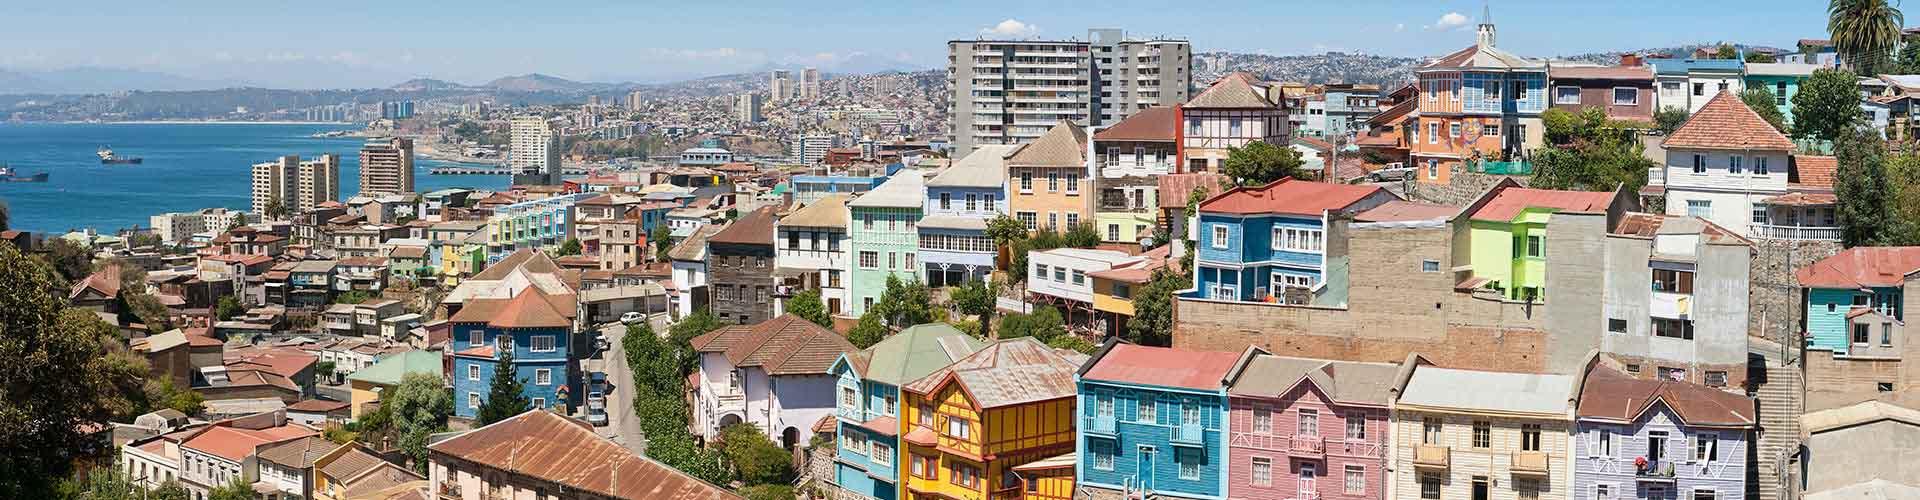 Valparaiso - Hostele w mieście: Valparaiso, Mapy: Valparaiso, Zdjęcia i Recenzje dla każdego hostelu w mieście Valparaiso.